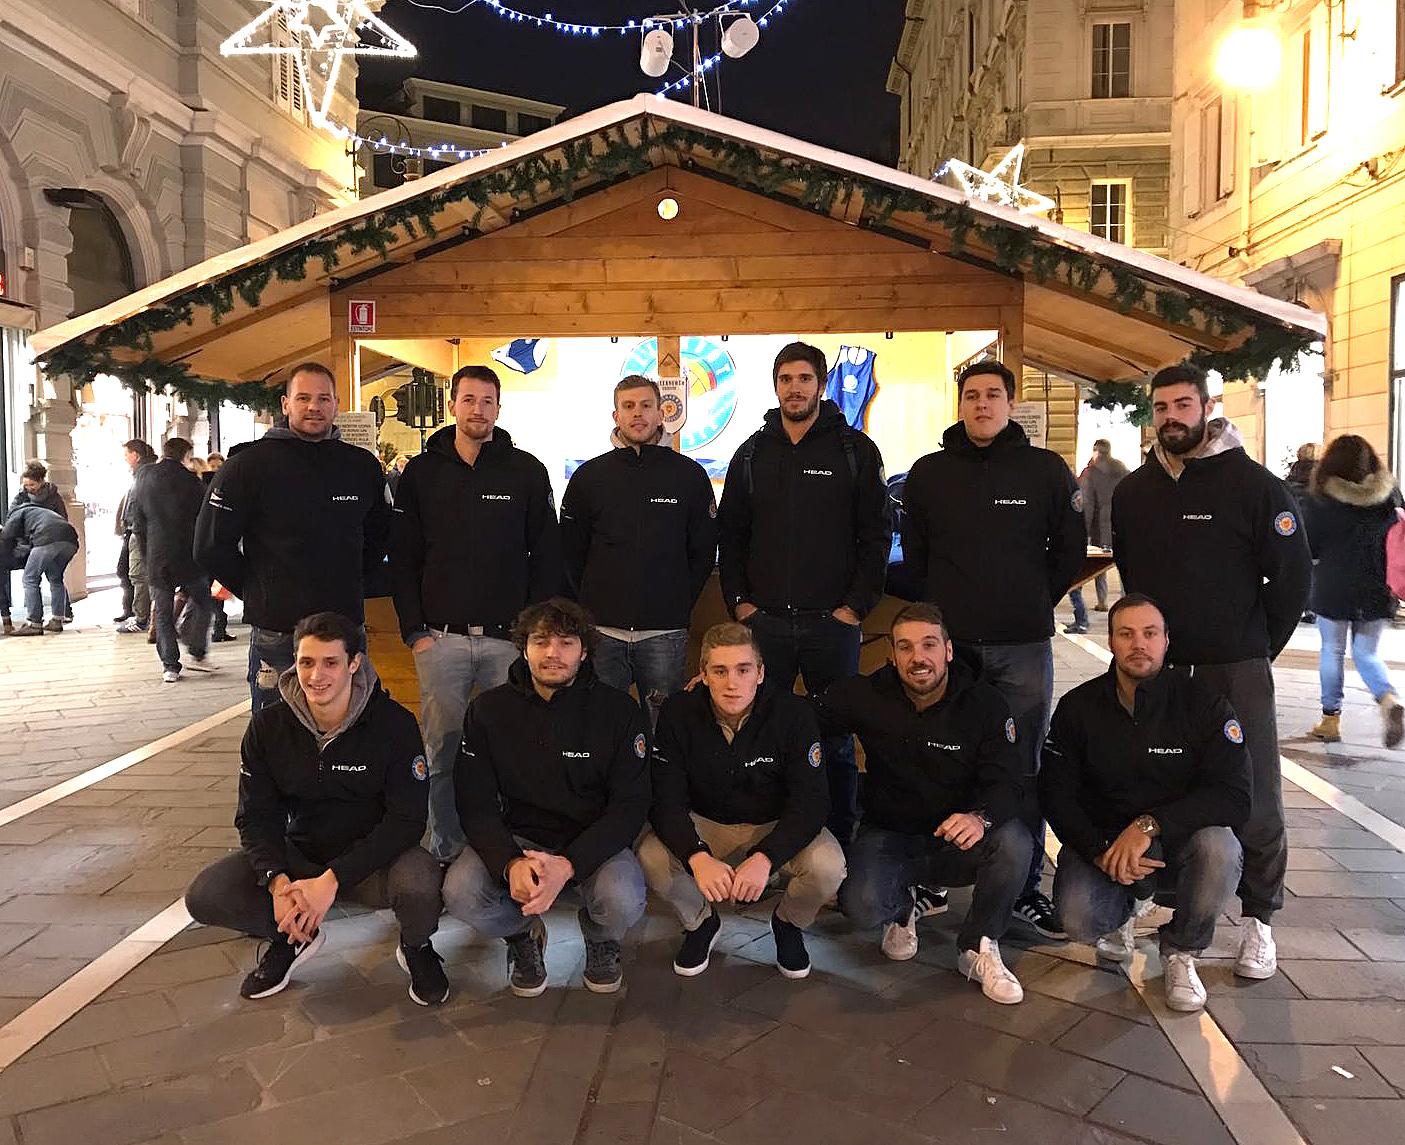 La prima squadra allo stand della Pallanuoto Trieste in via delle Torri. In vendita tutto il merchandising ufficiale griffato #iotifopallanuototrieste fino al 12 dicembre